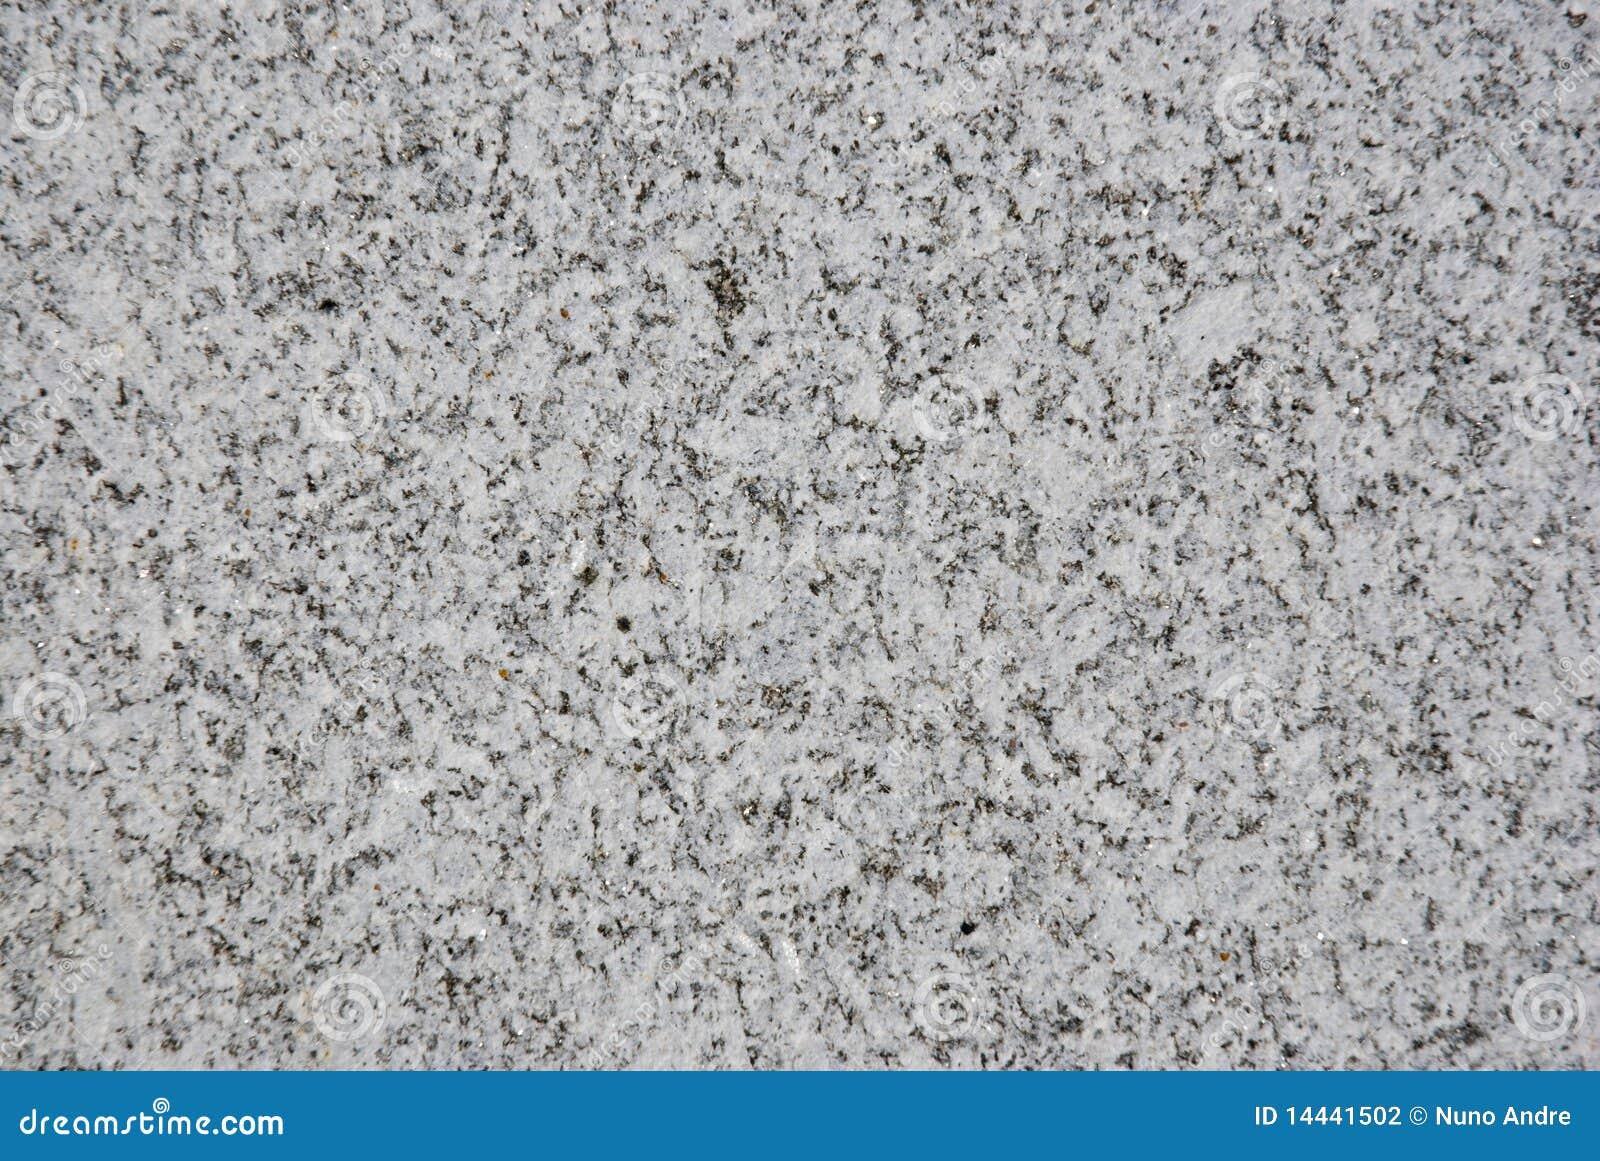 granito pulido fotograf a de archivo imagen 14441502 ForColores Granito Pulido